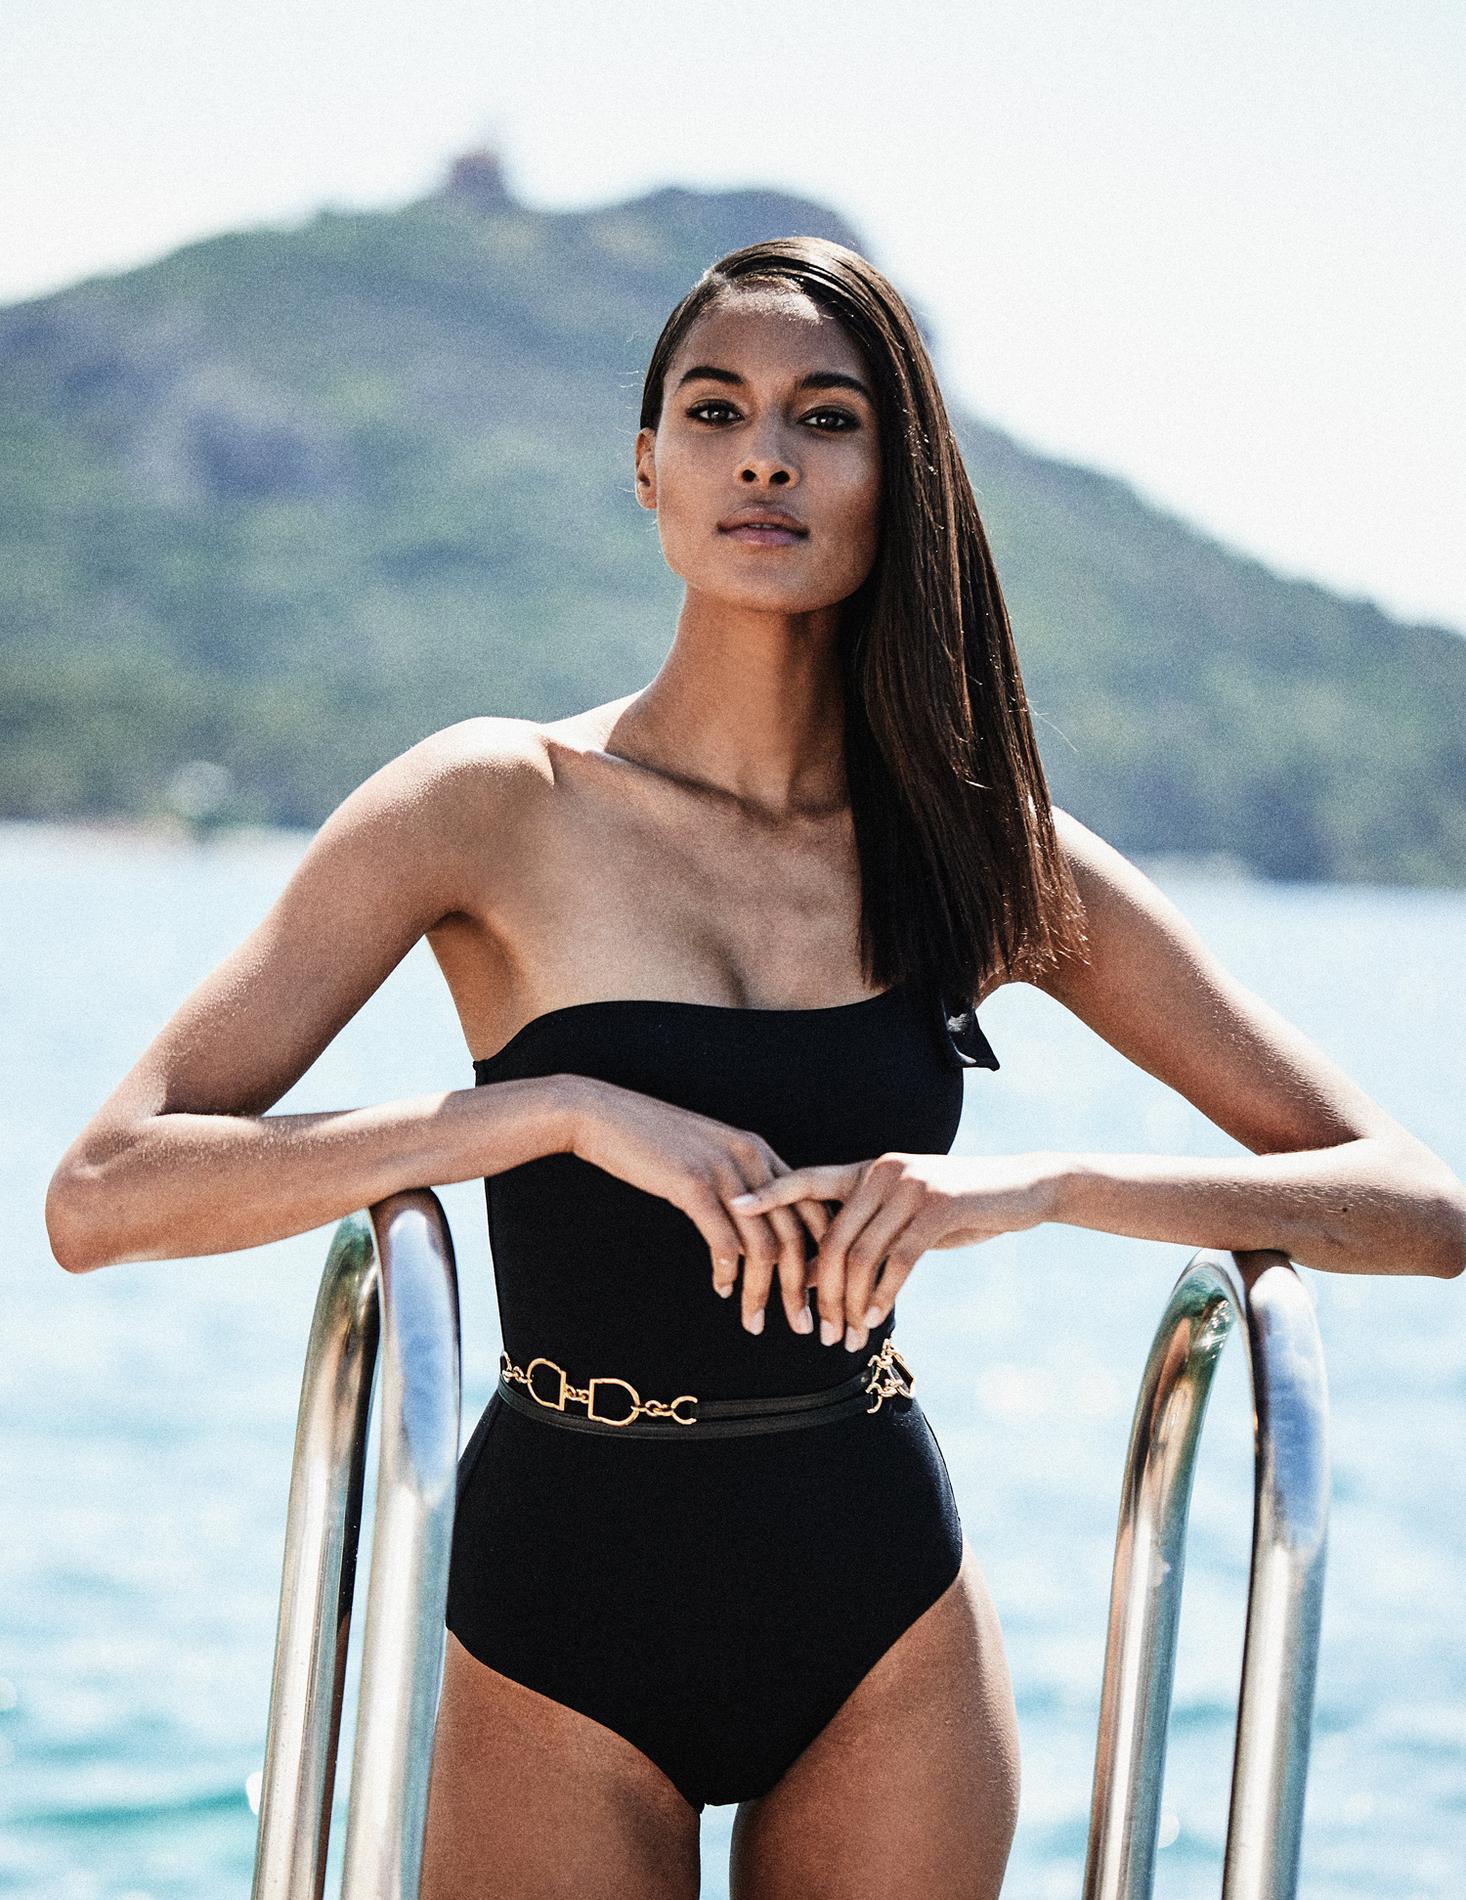 Bikini Elodie Bouchez nude photos 2019